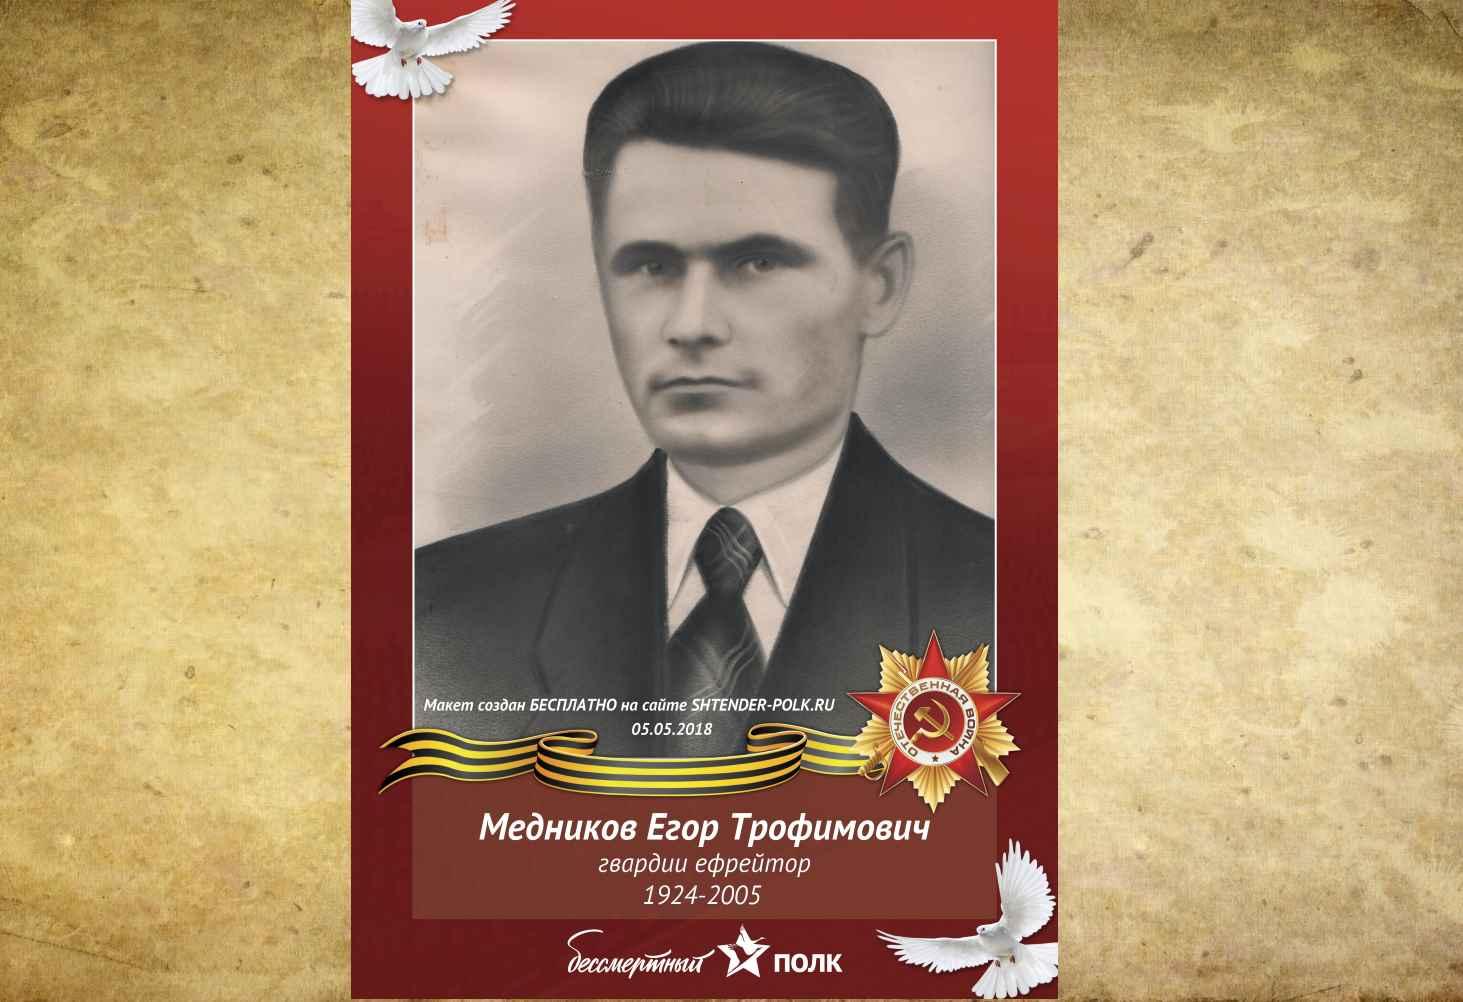 mednikov-egor-trofimovich